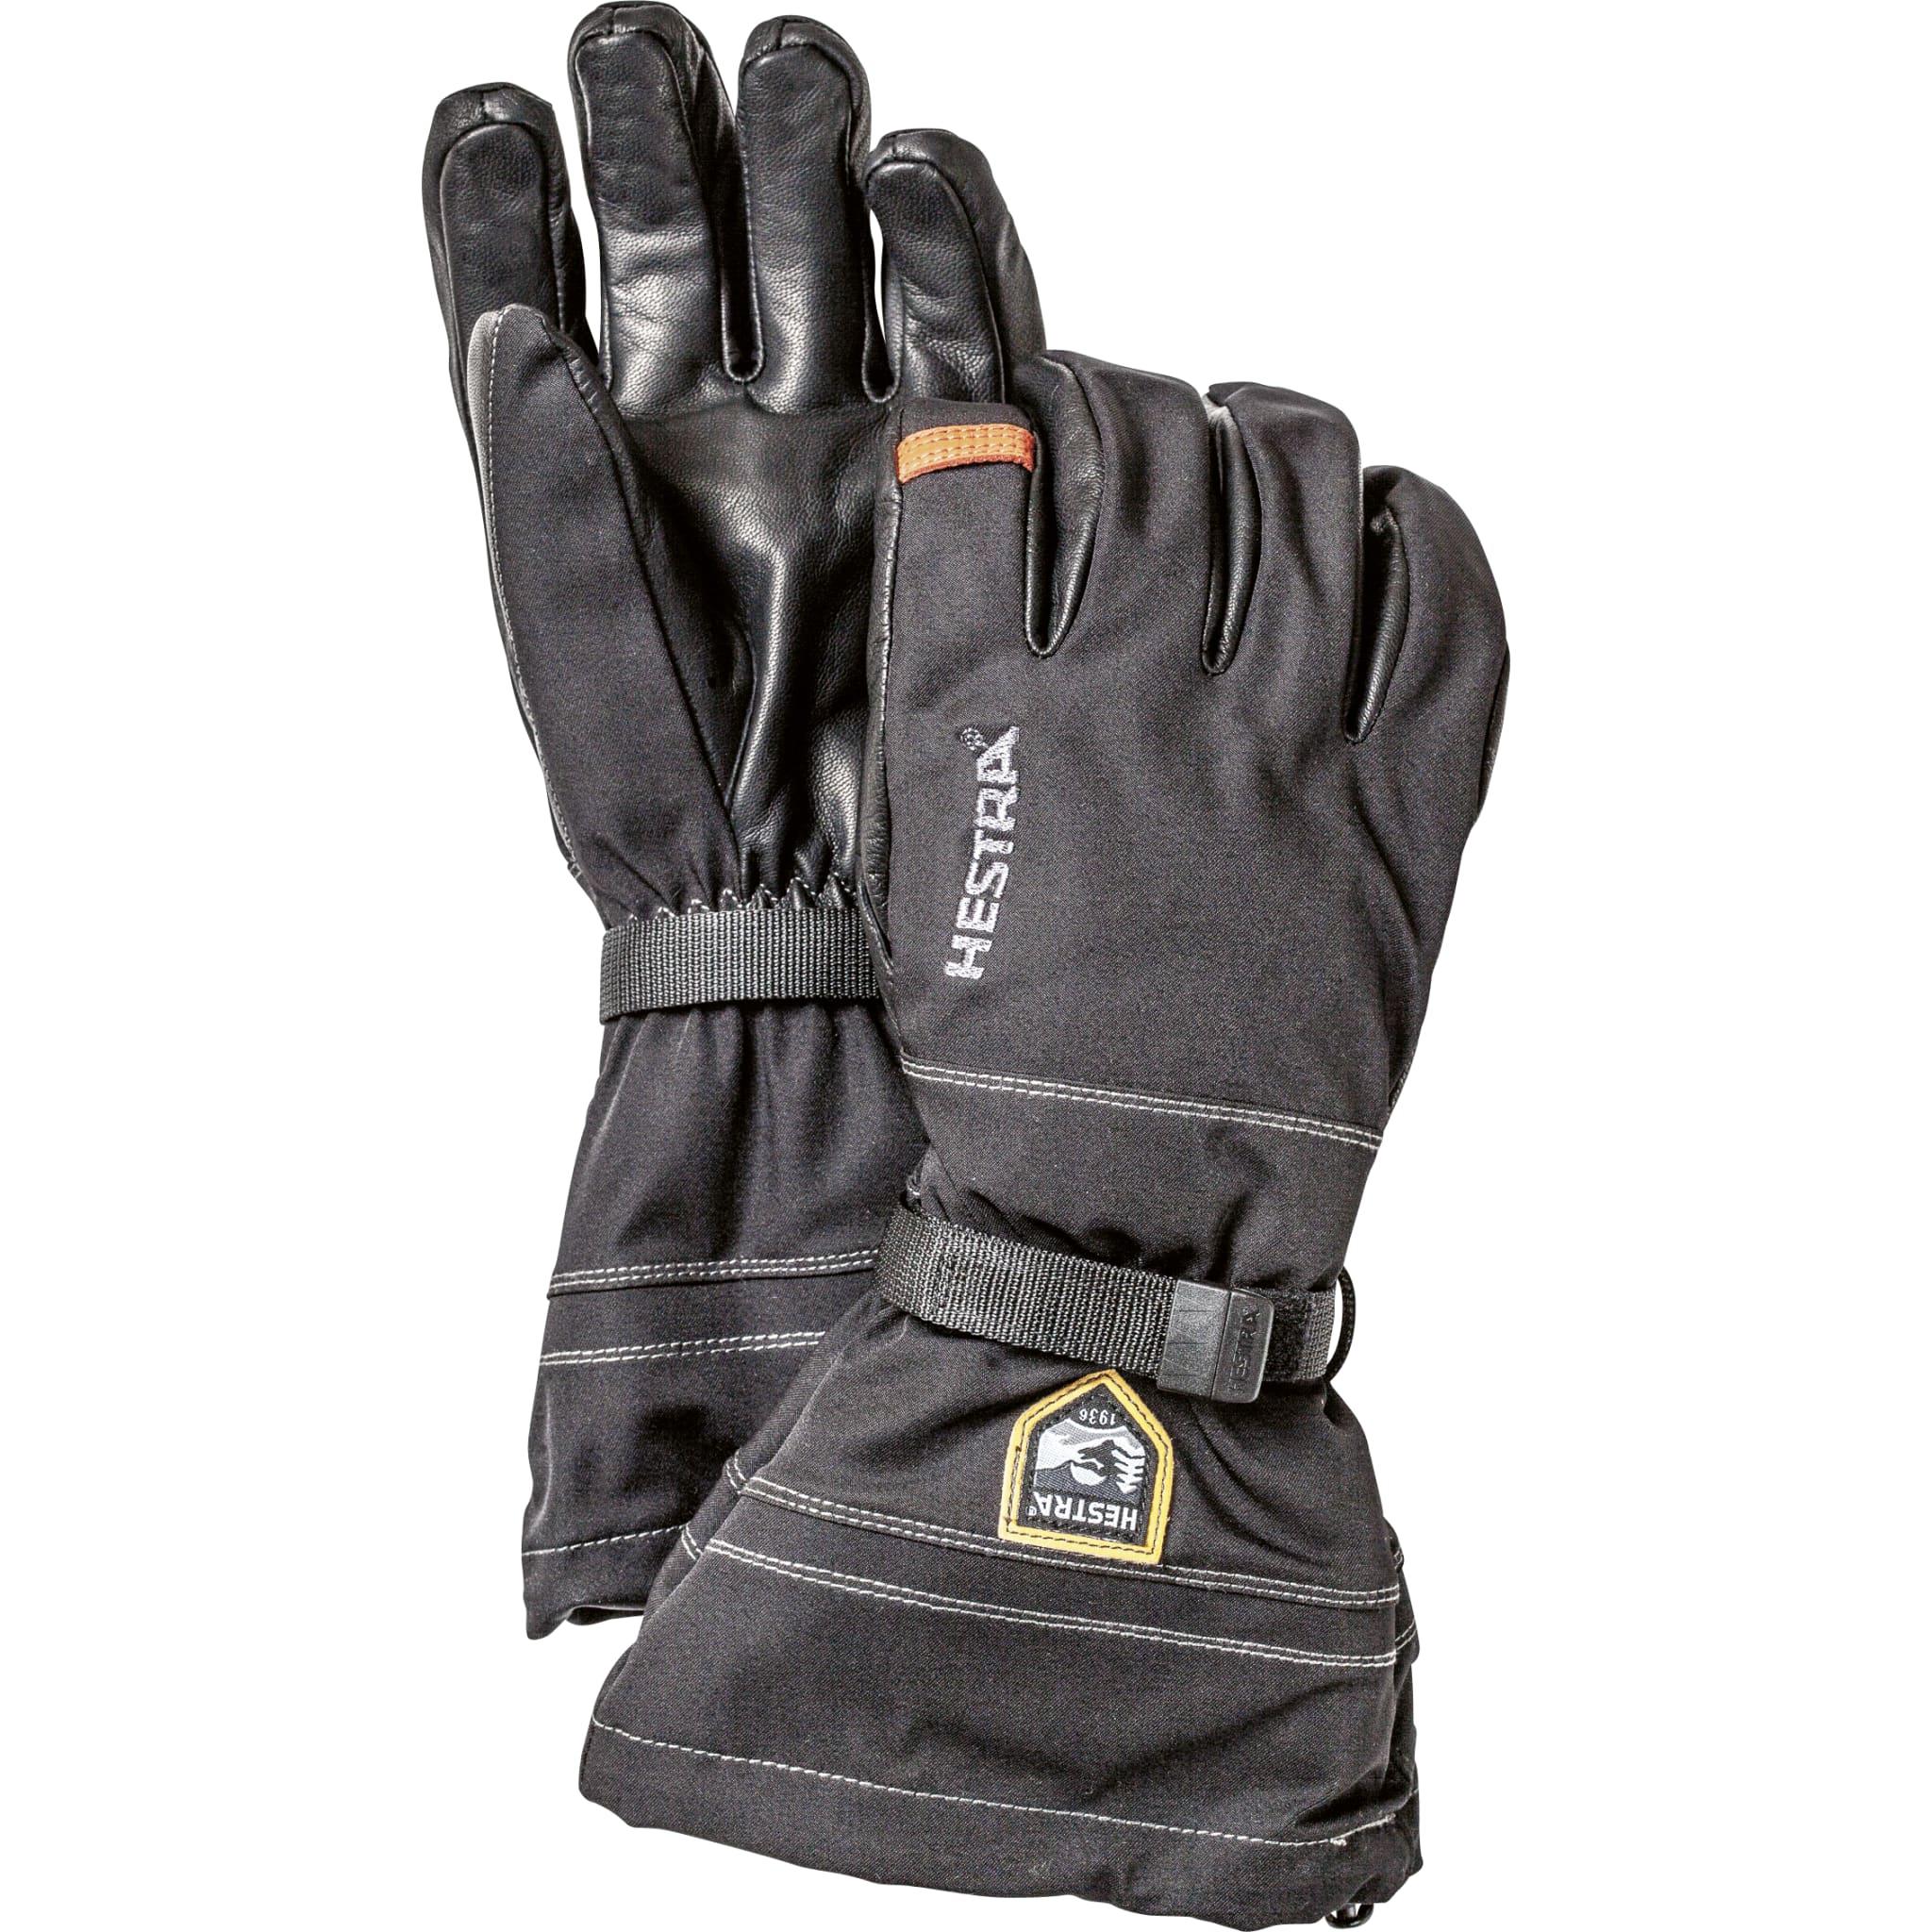 Ekstra lange hansker med uttagbar liner